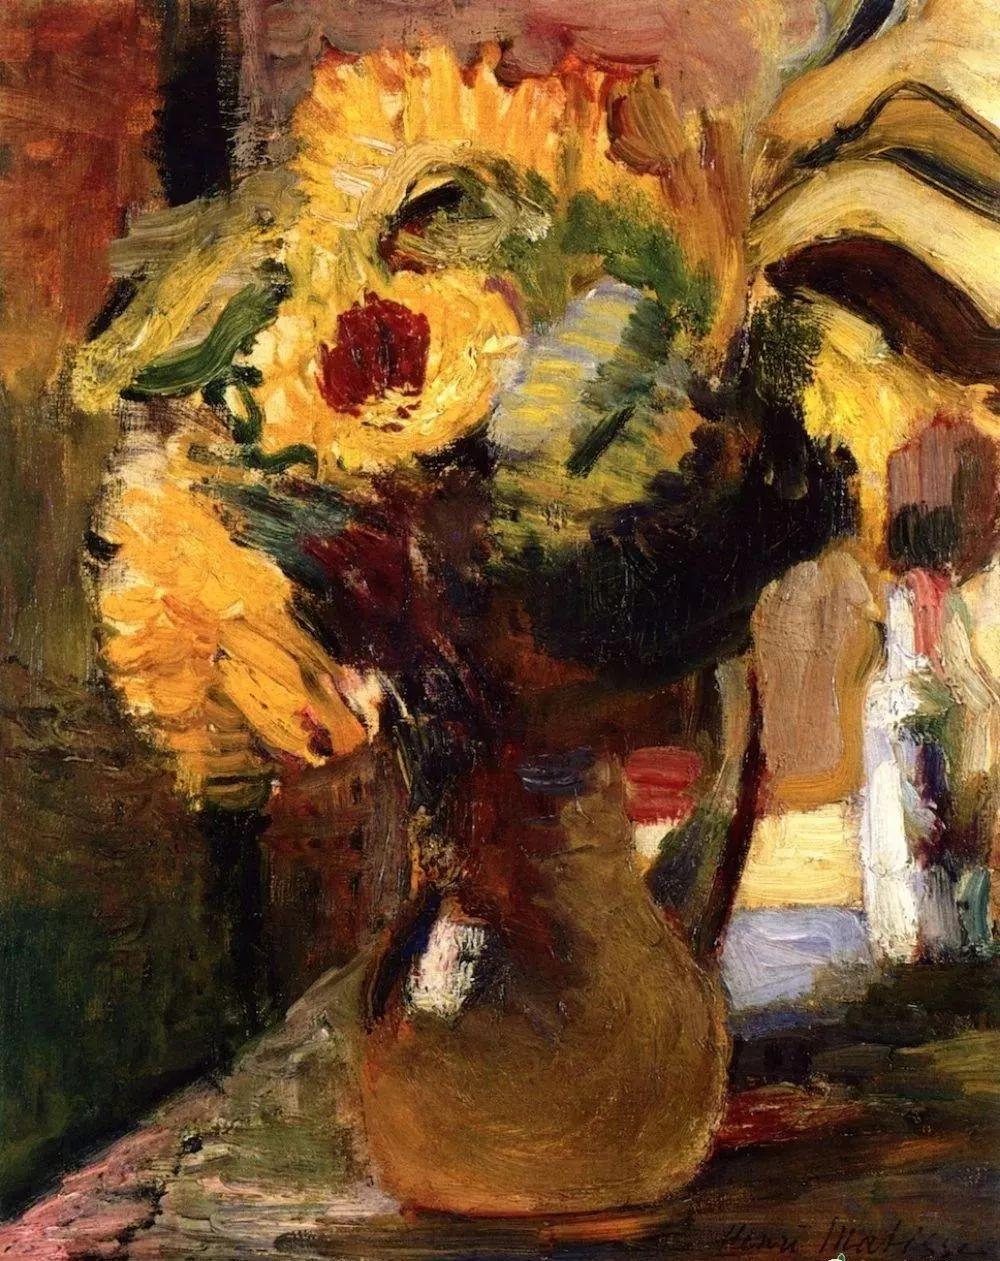 与毕加索并称为20世纪世界美术的两座高峰!马蒂斯静物作品集,震撼出炉!插图10